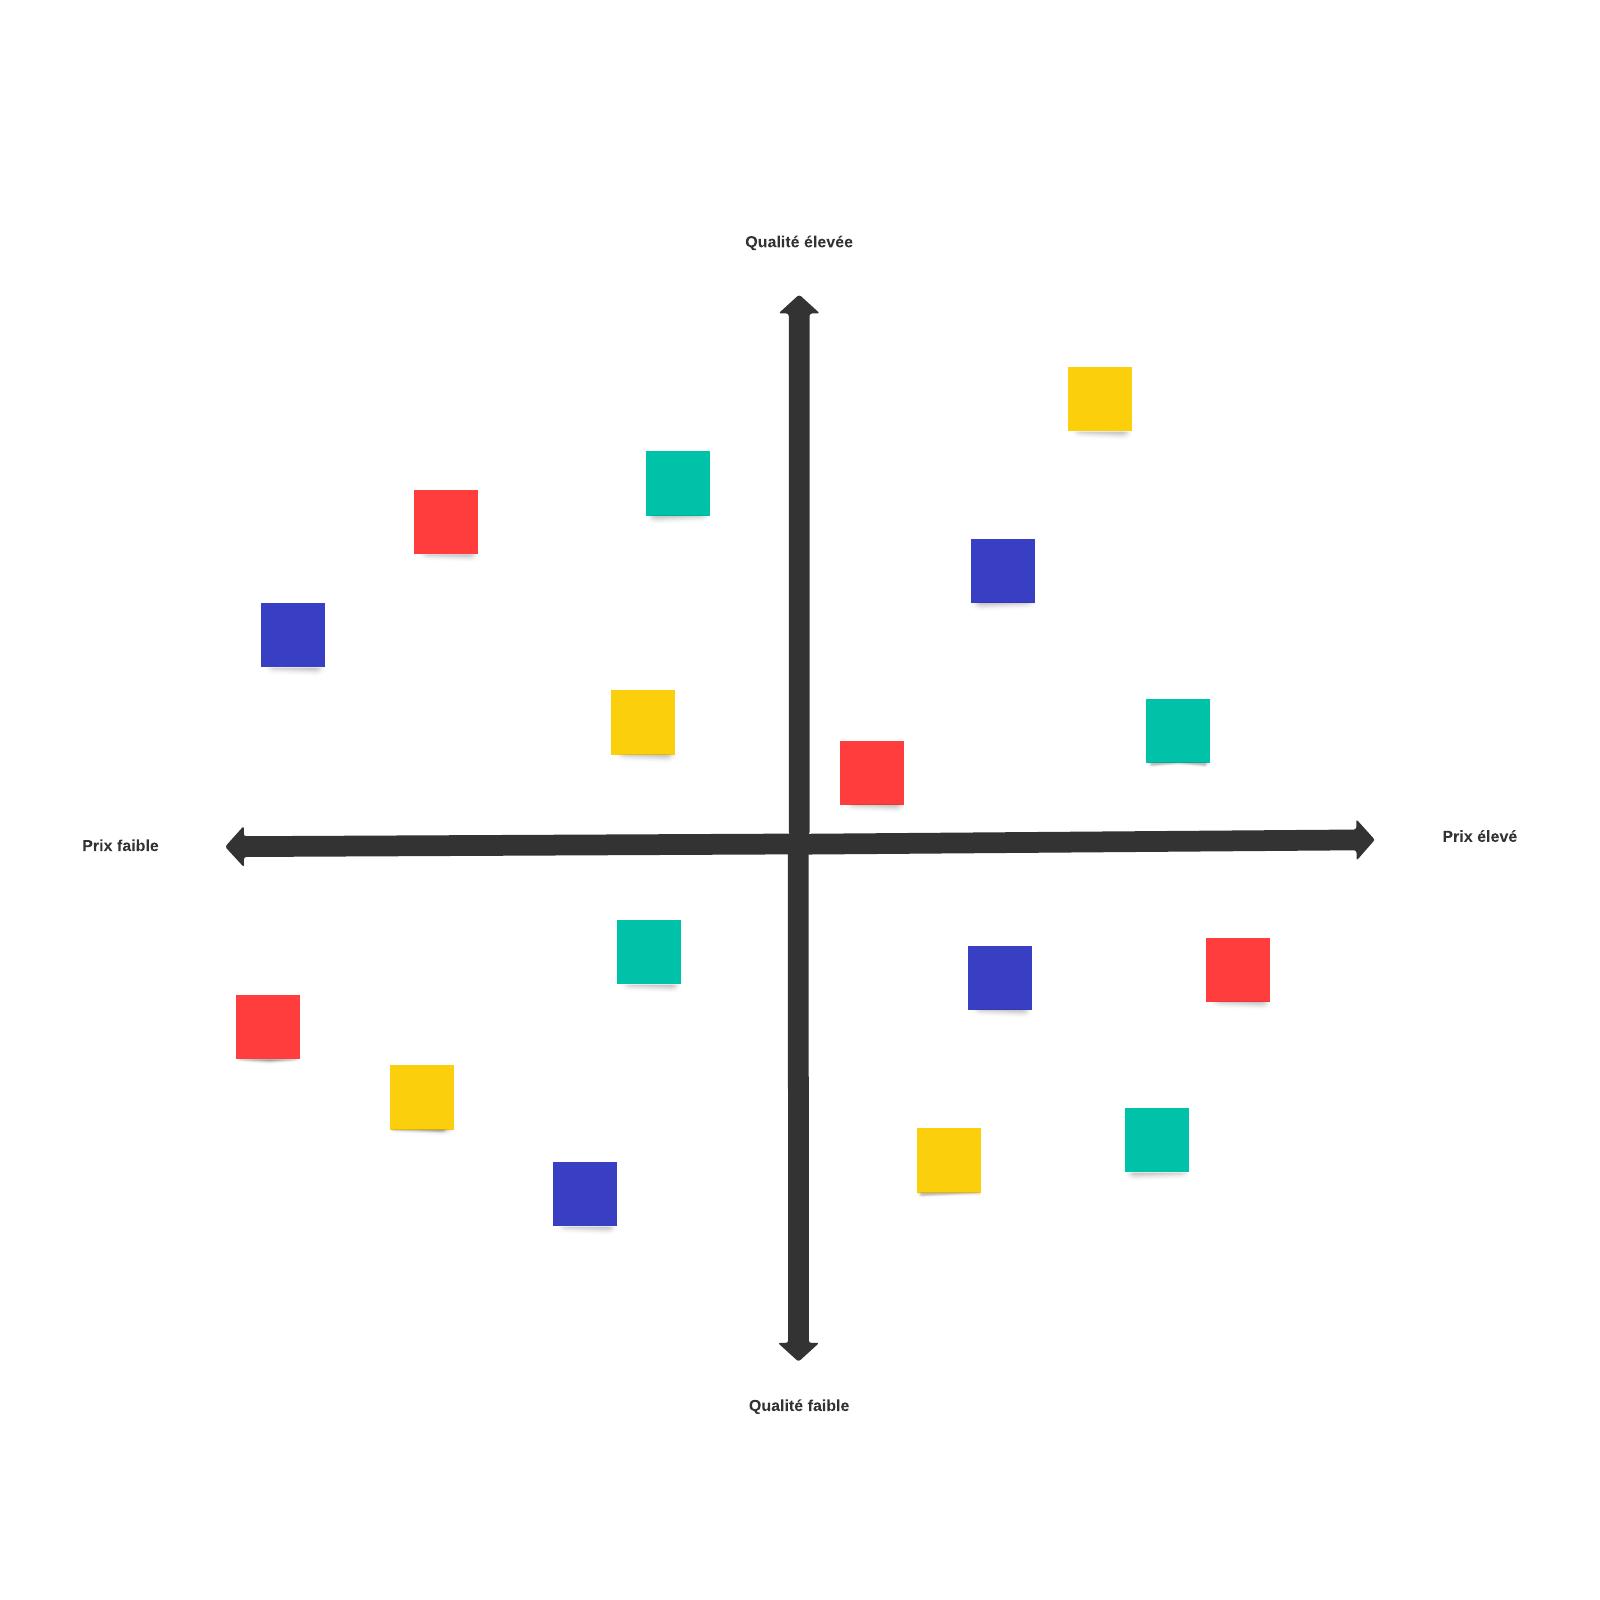 Modèle de carte perceptuelle